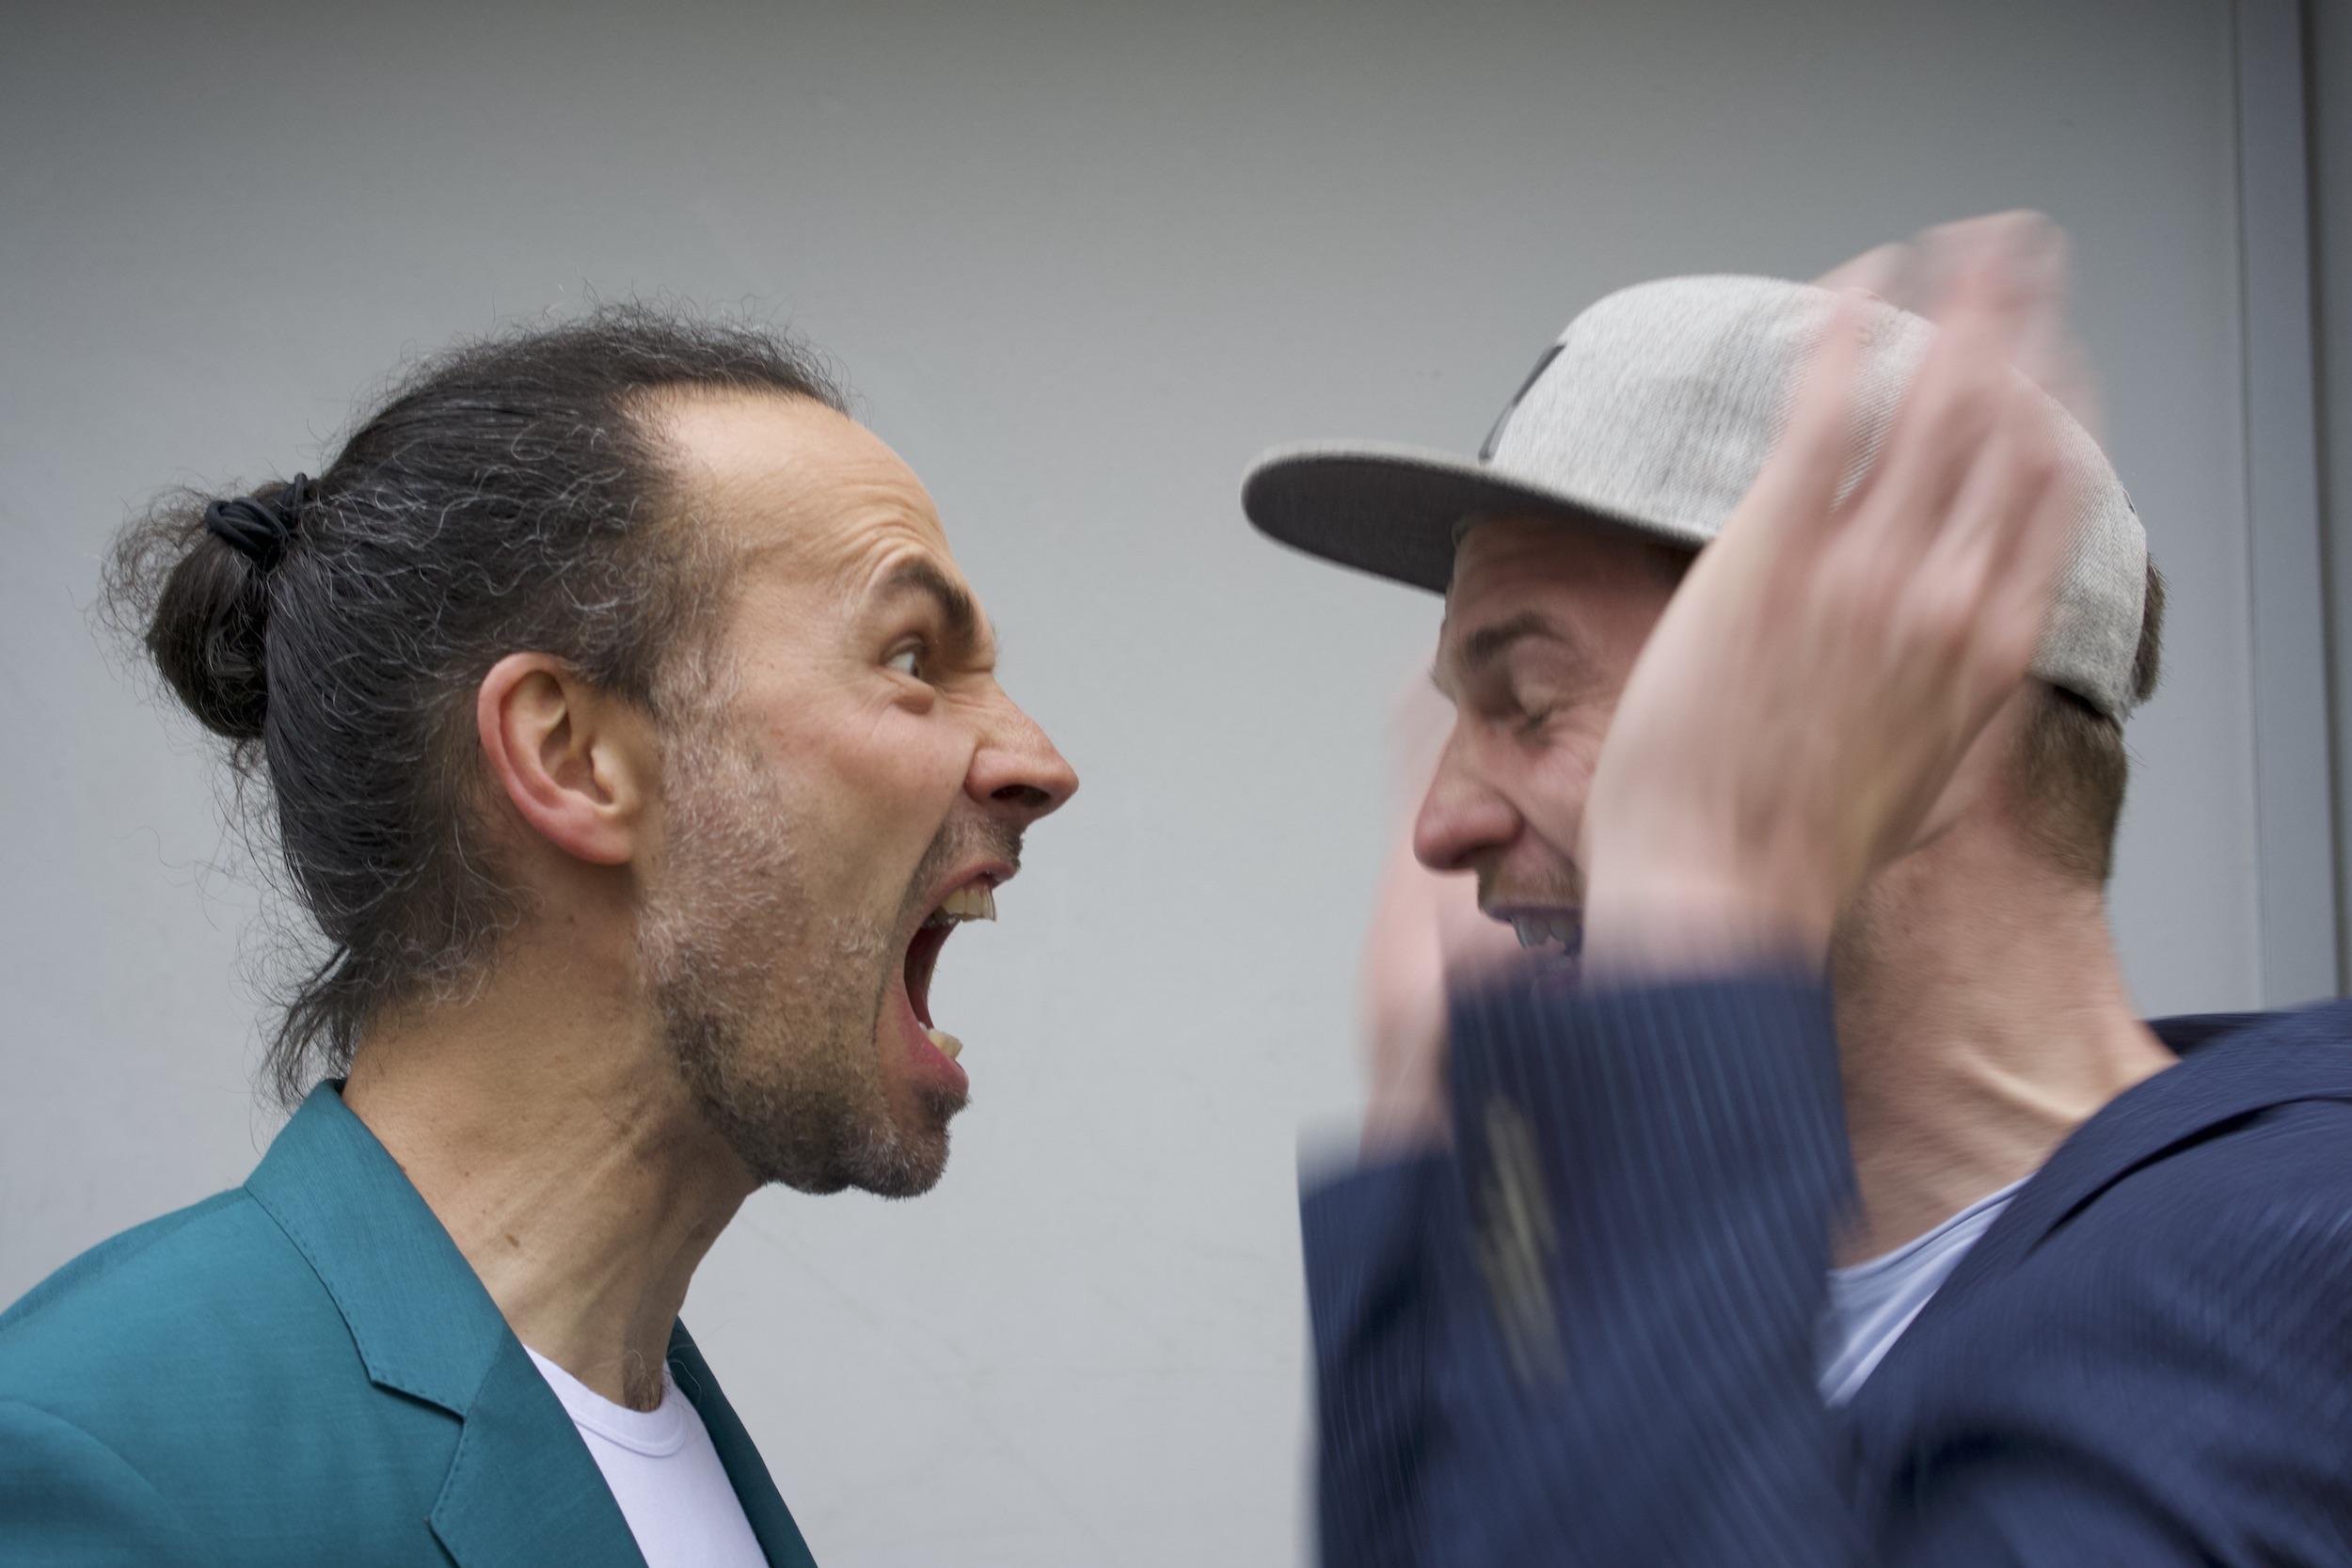 """""""Am Samstag wird verlost, KLAR?!"""" - Outtake vom Fotoshooting neulich (Foto: David Eberhard)"""